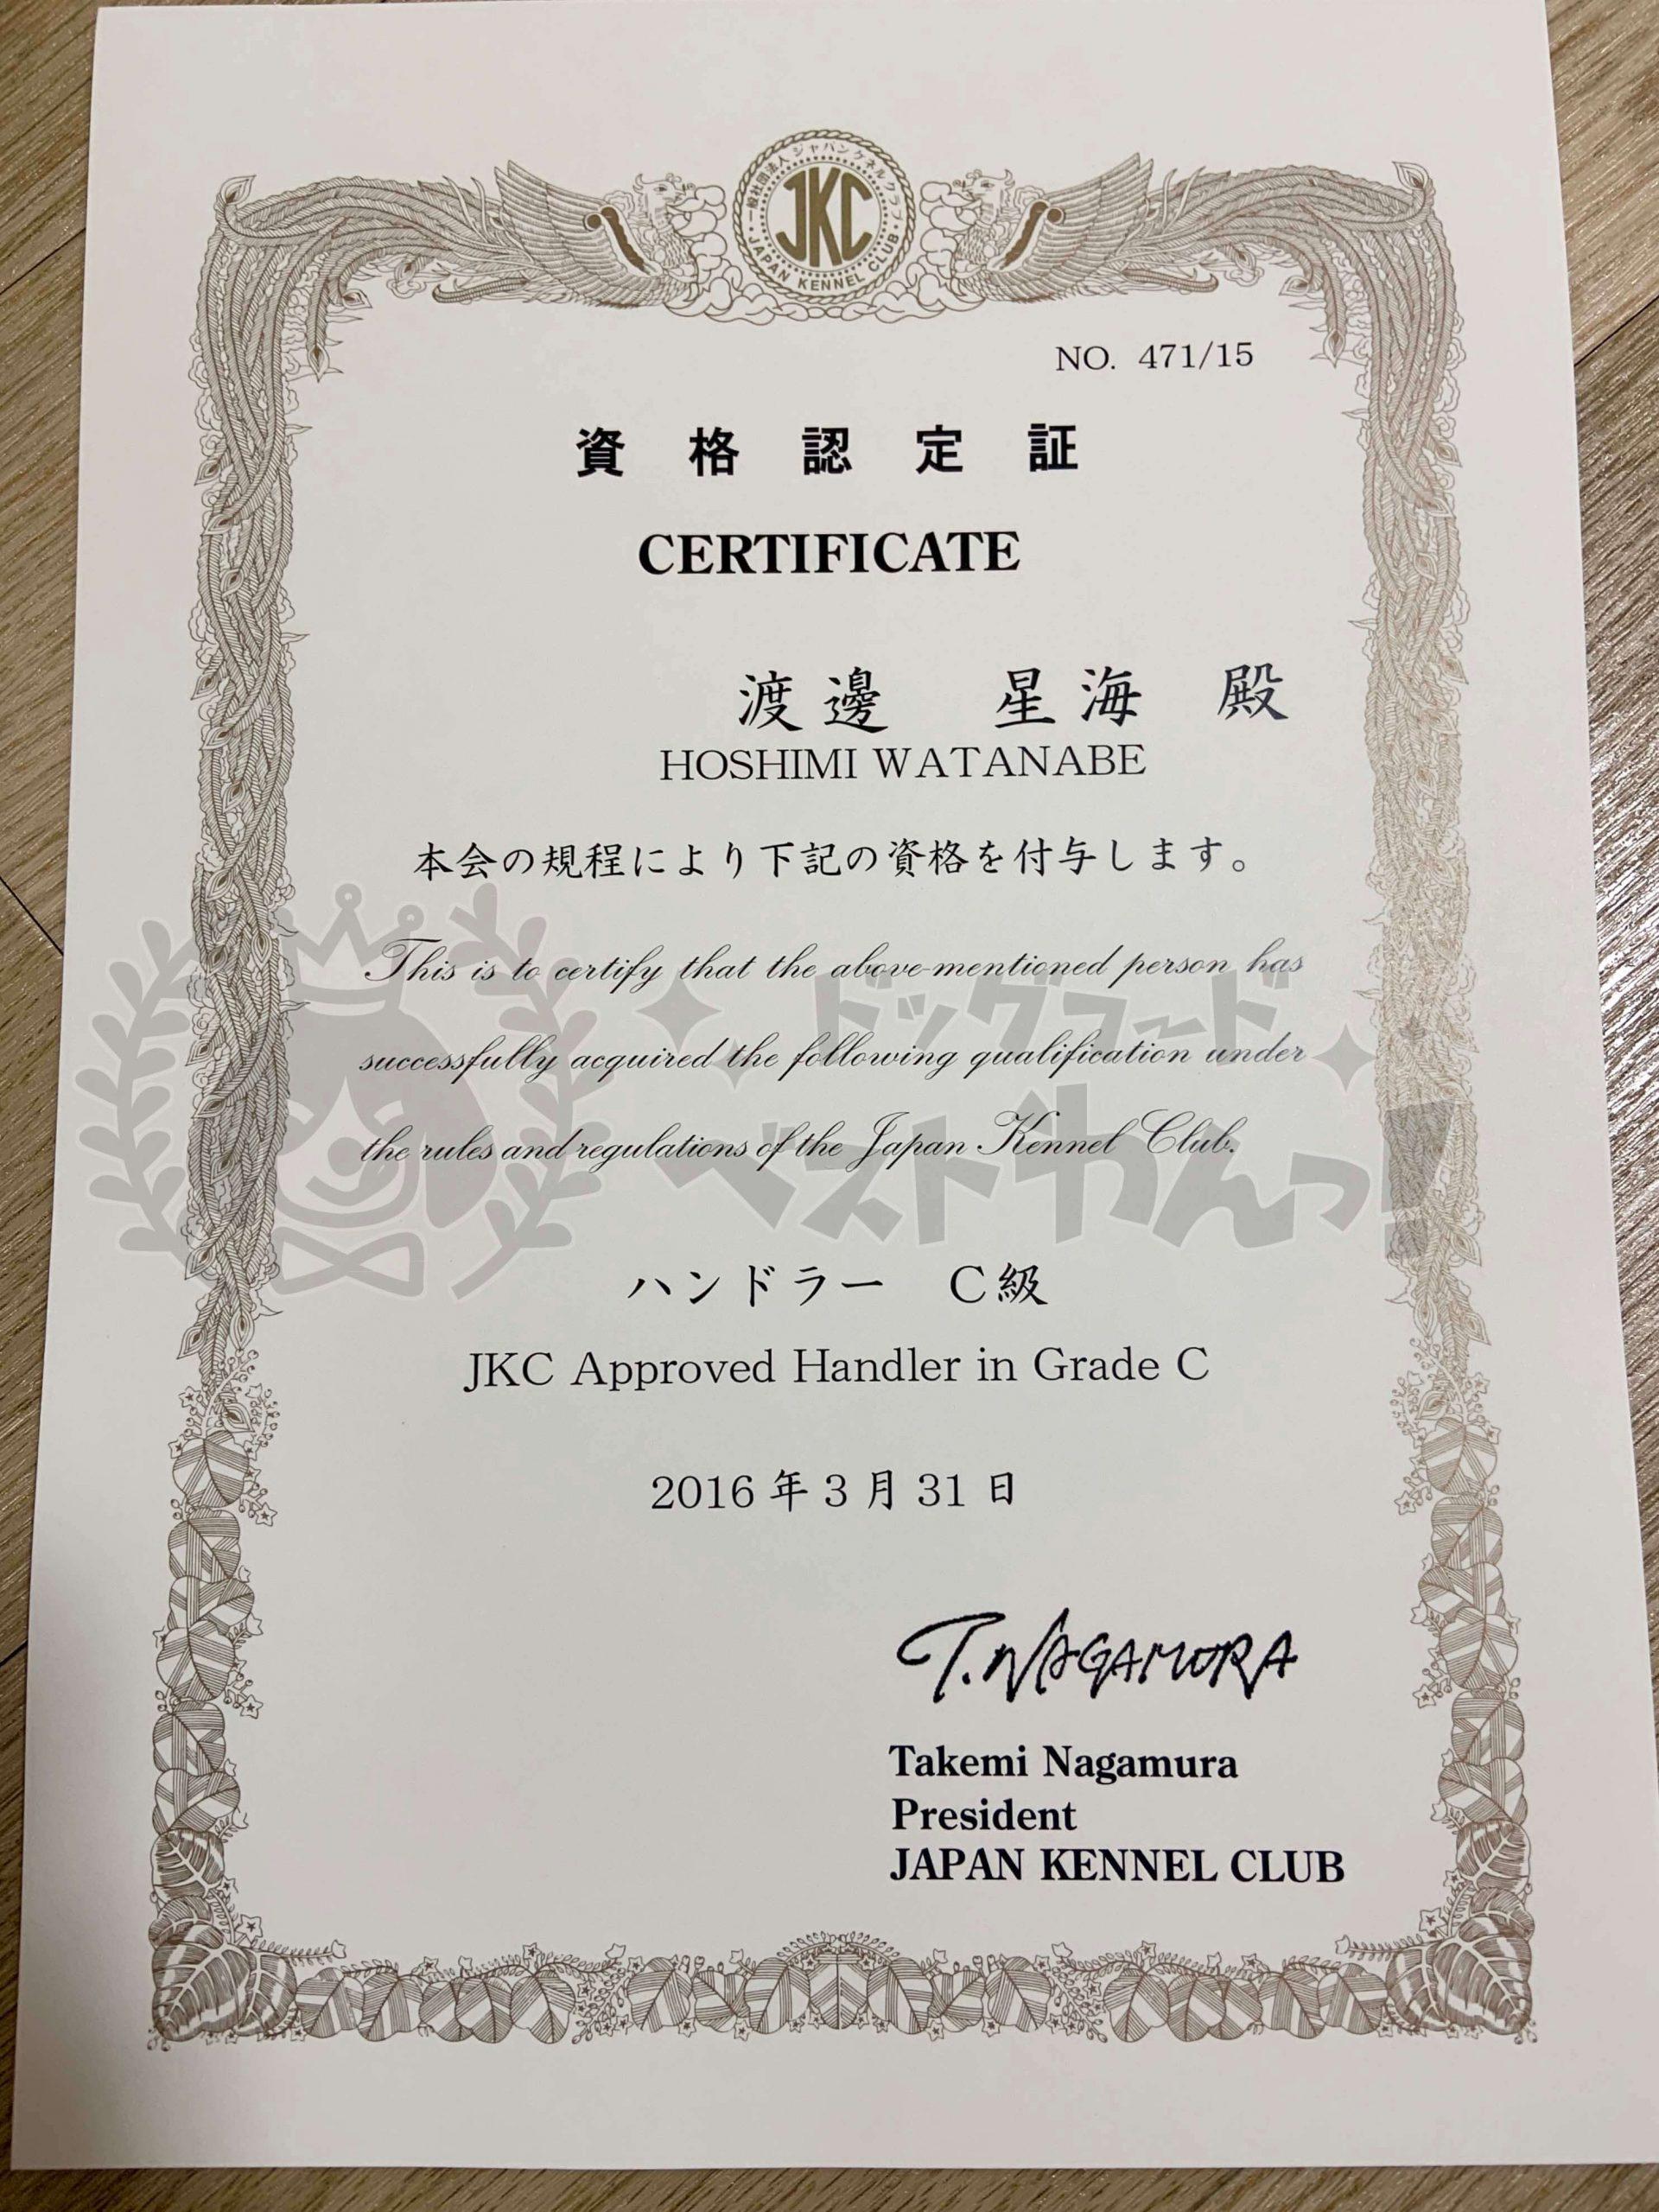 ジャパンケネルクラブハンドラーC級資格認定証